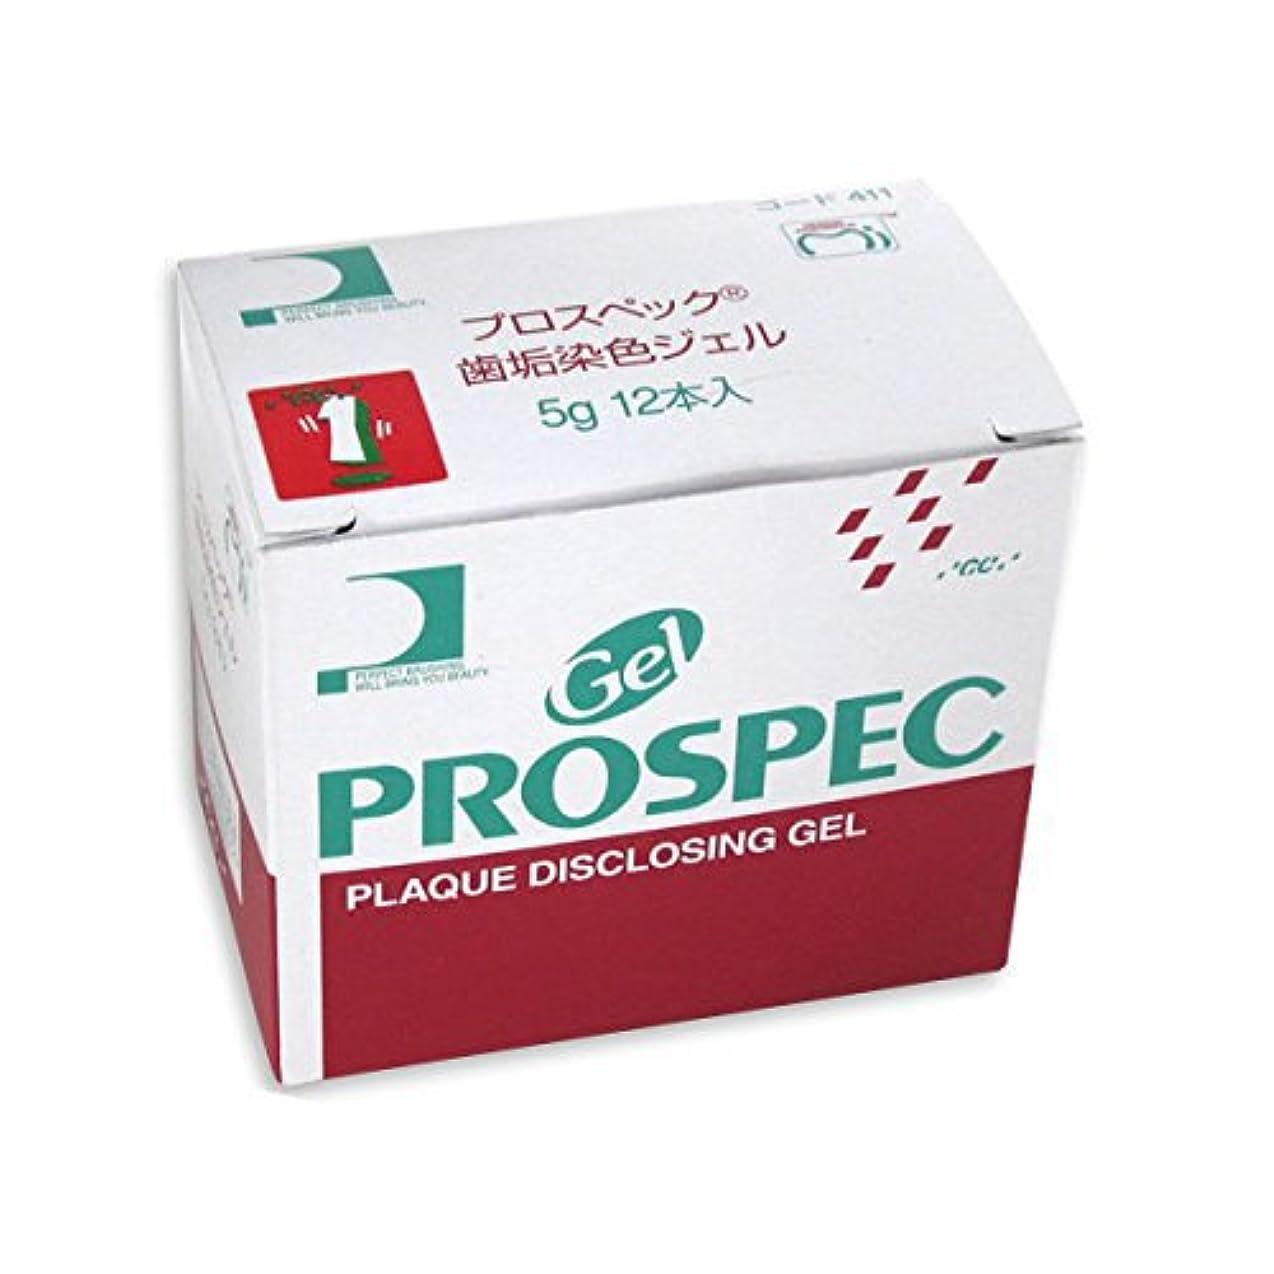 我慢する臨検ラインナッププロスペック ジーシー プロスペック 歯垢染色ジェル 5g×12個単品